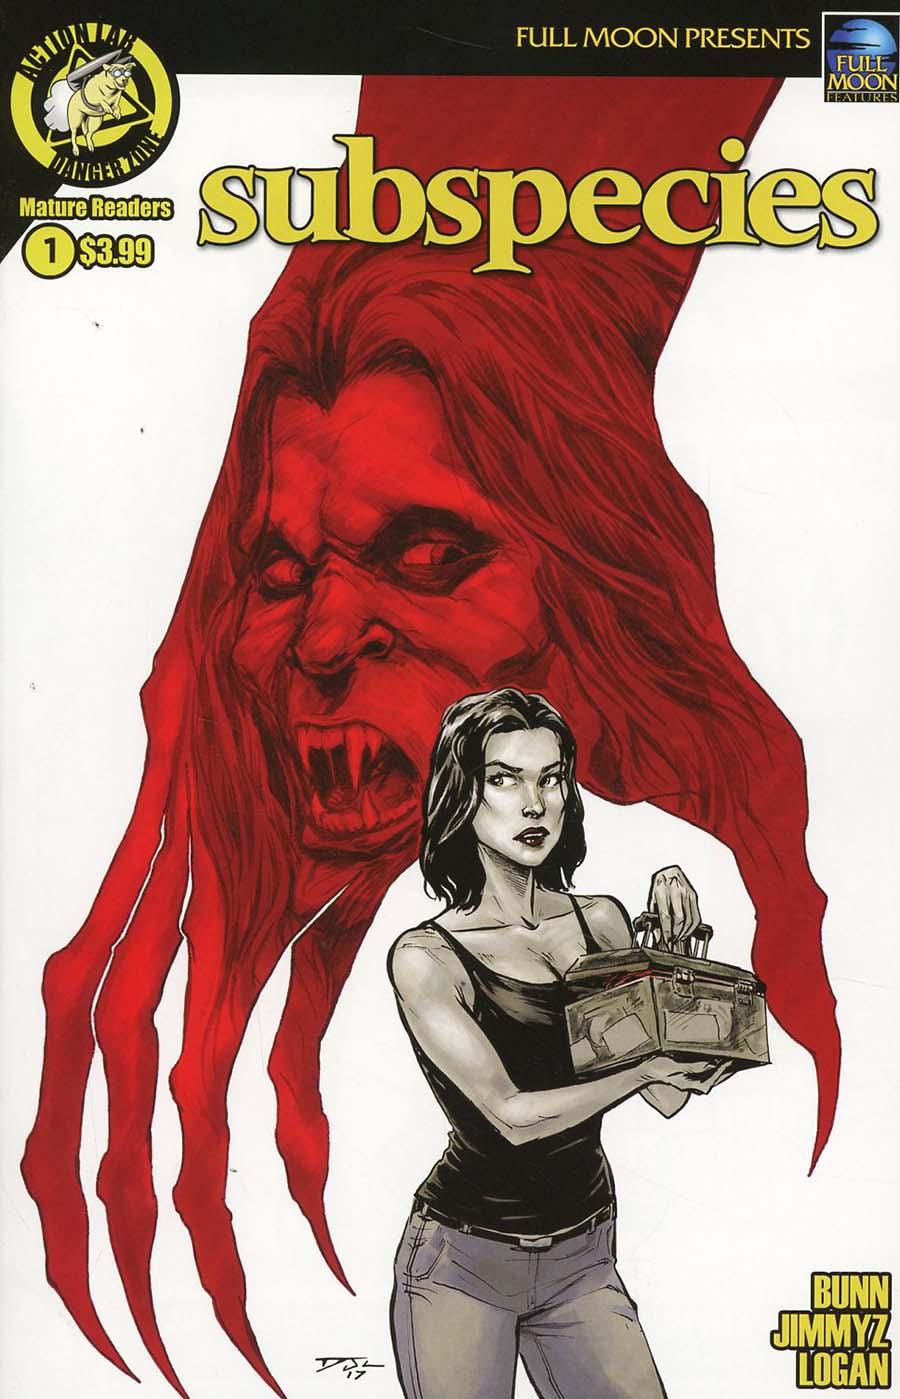 Subspecies (Danger Zone) #1 Cover A Regular Daniel Jay Logan Cover